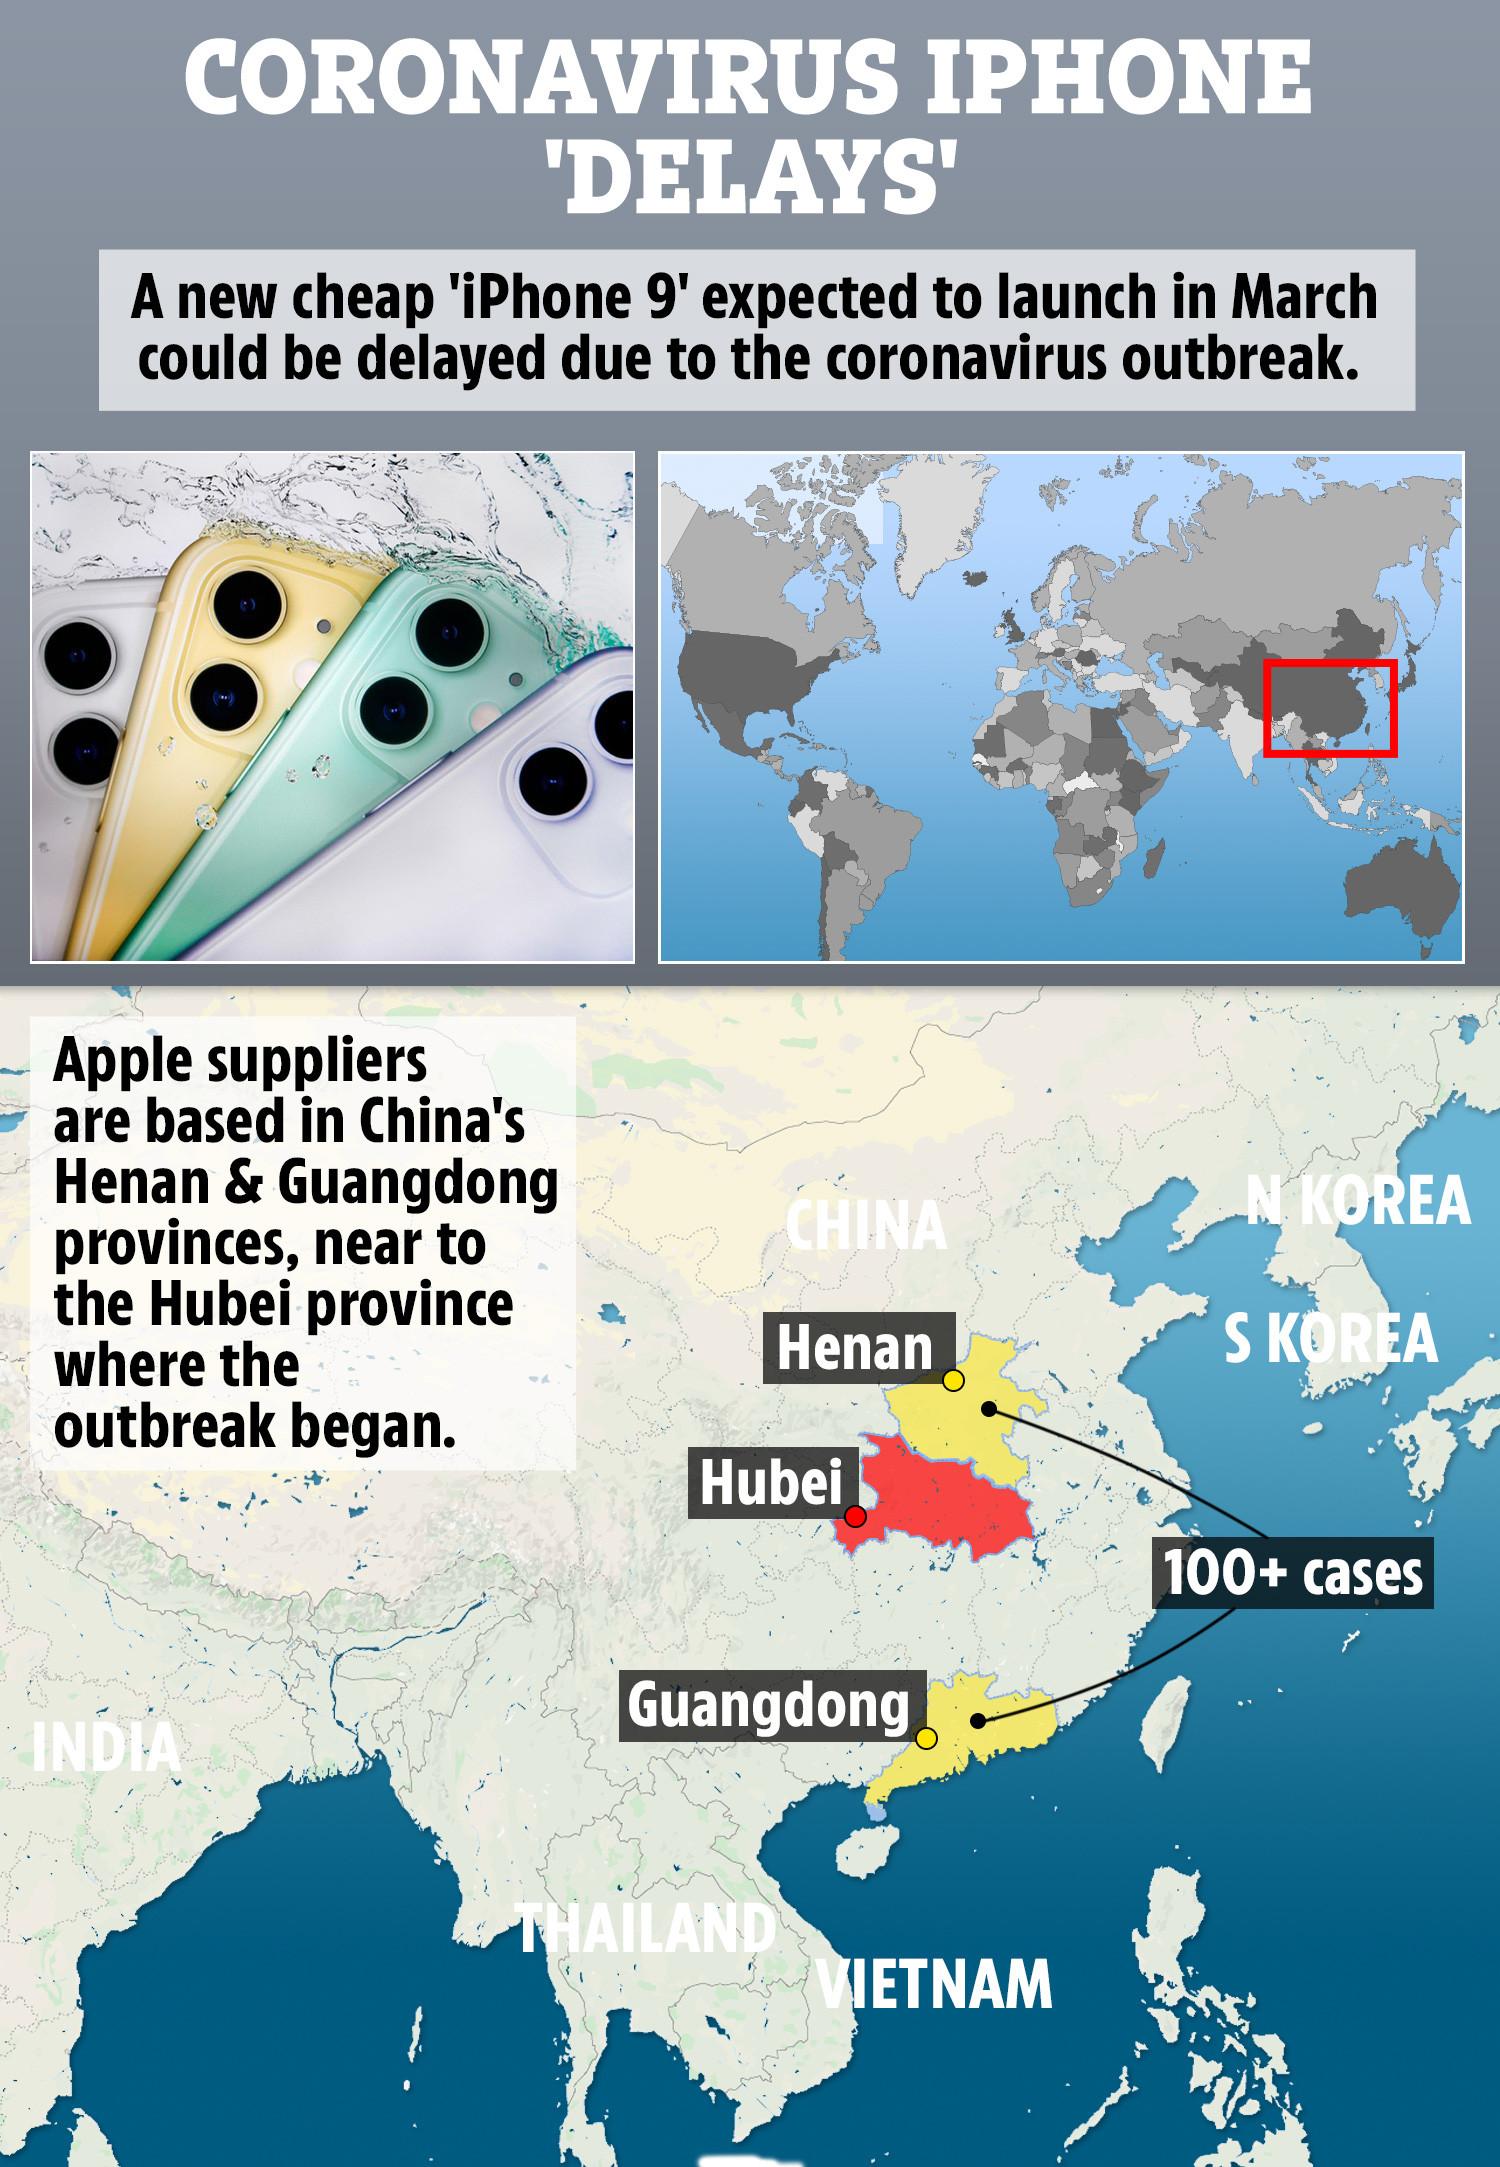 IPhone mới giá rẻ 9'có thể bị trì hoãn bởi cuộc khủng hoảng coronavirus, những người trong cuộc cảnh báo 1